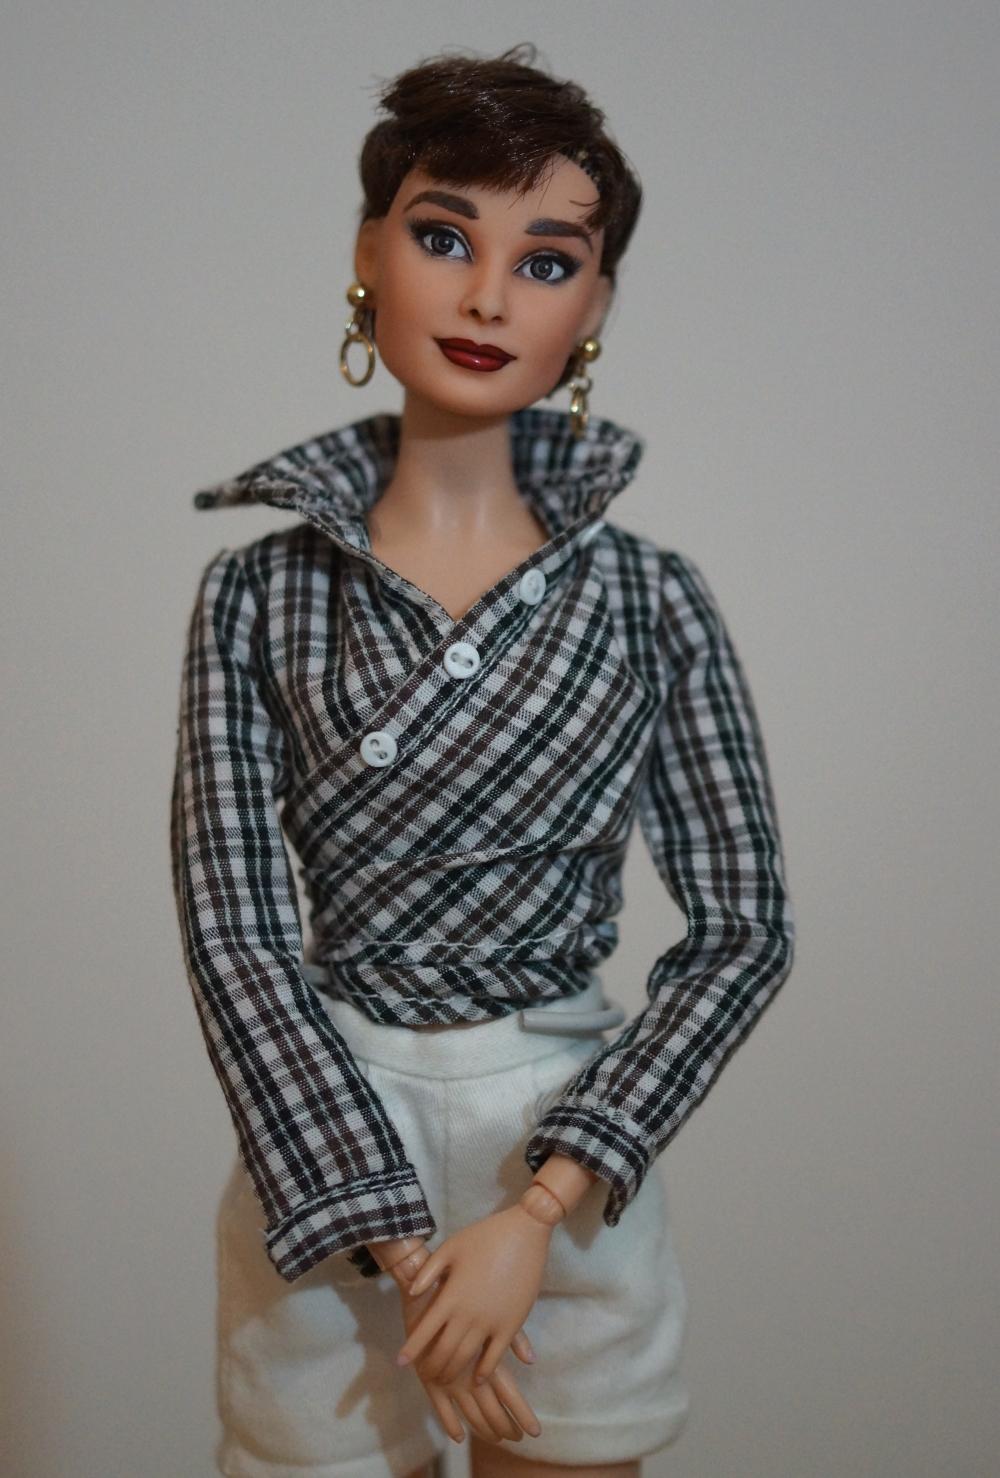 Audrey Hepburn as Sabrina OOAK doll by lulemee on DeviantArt